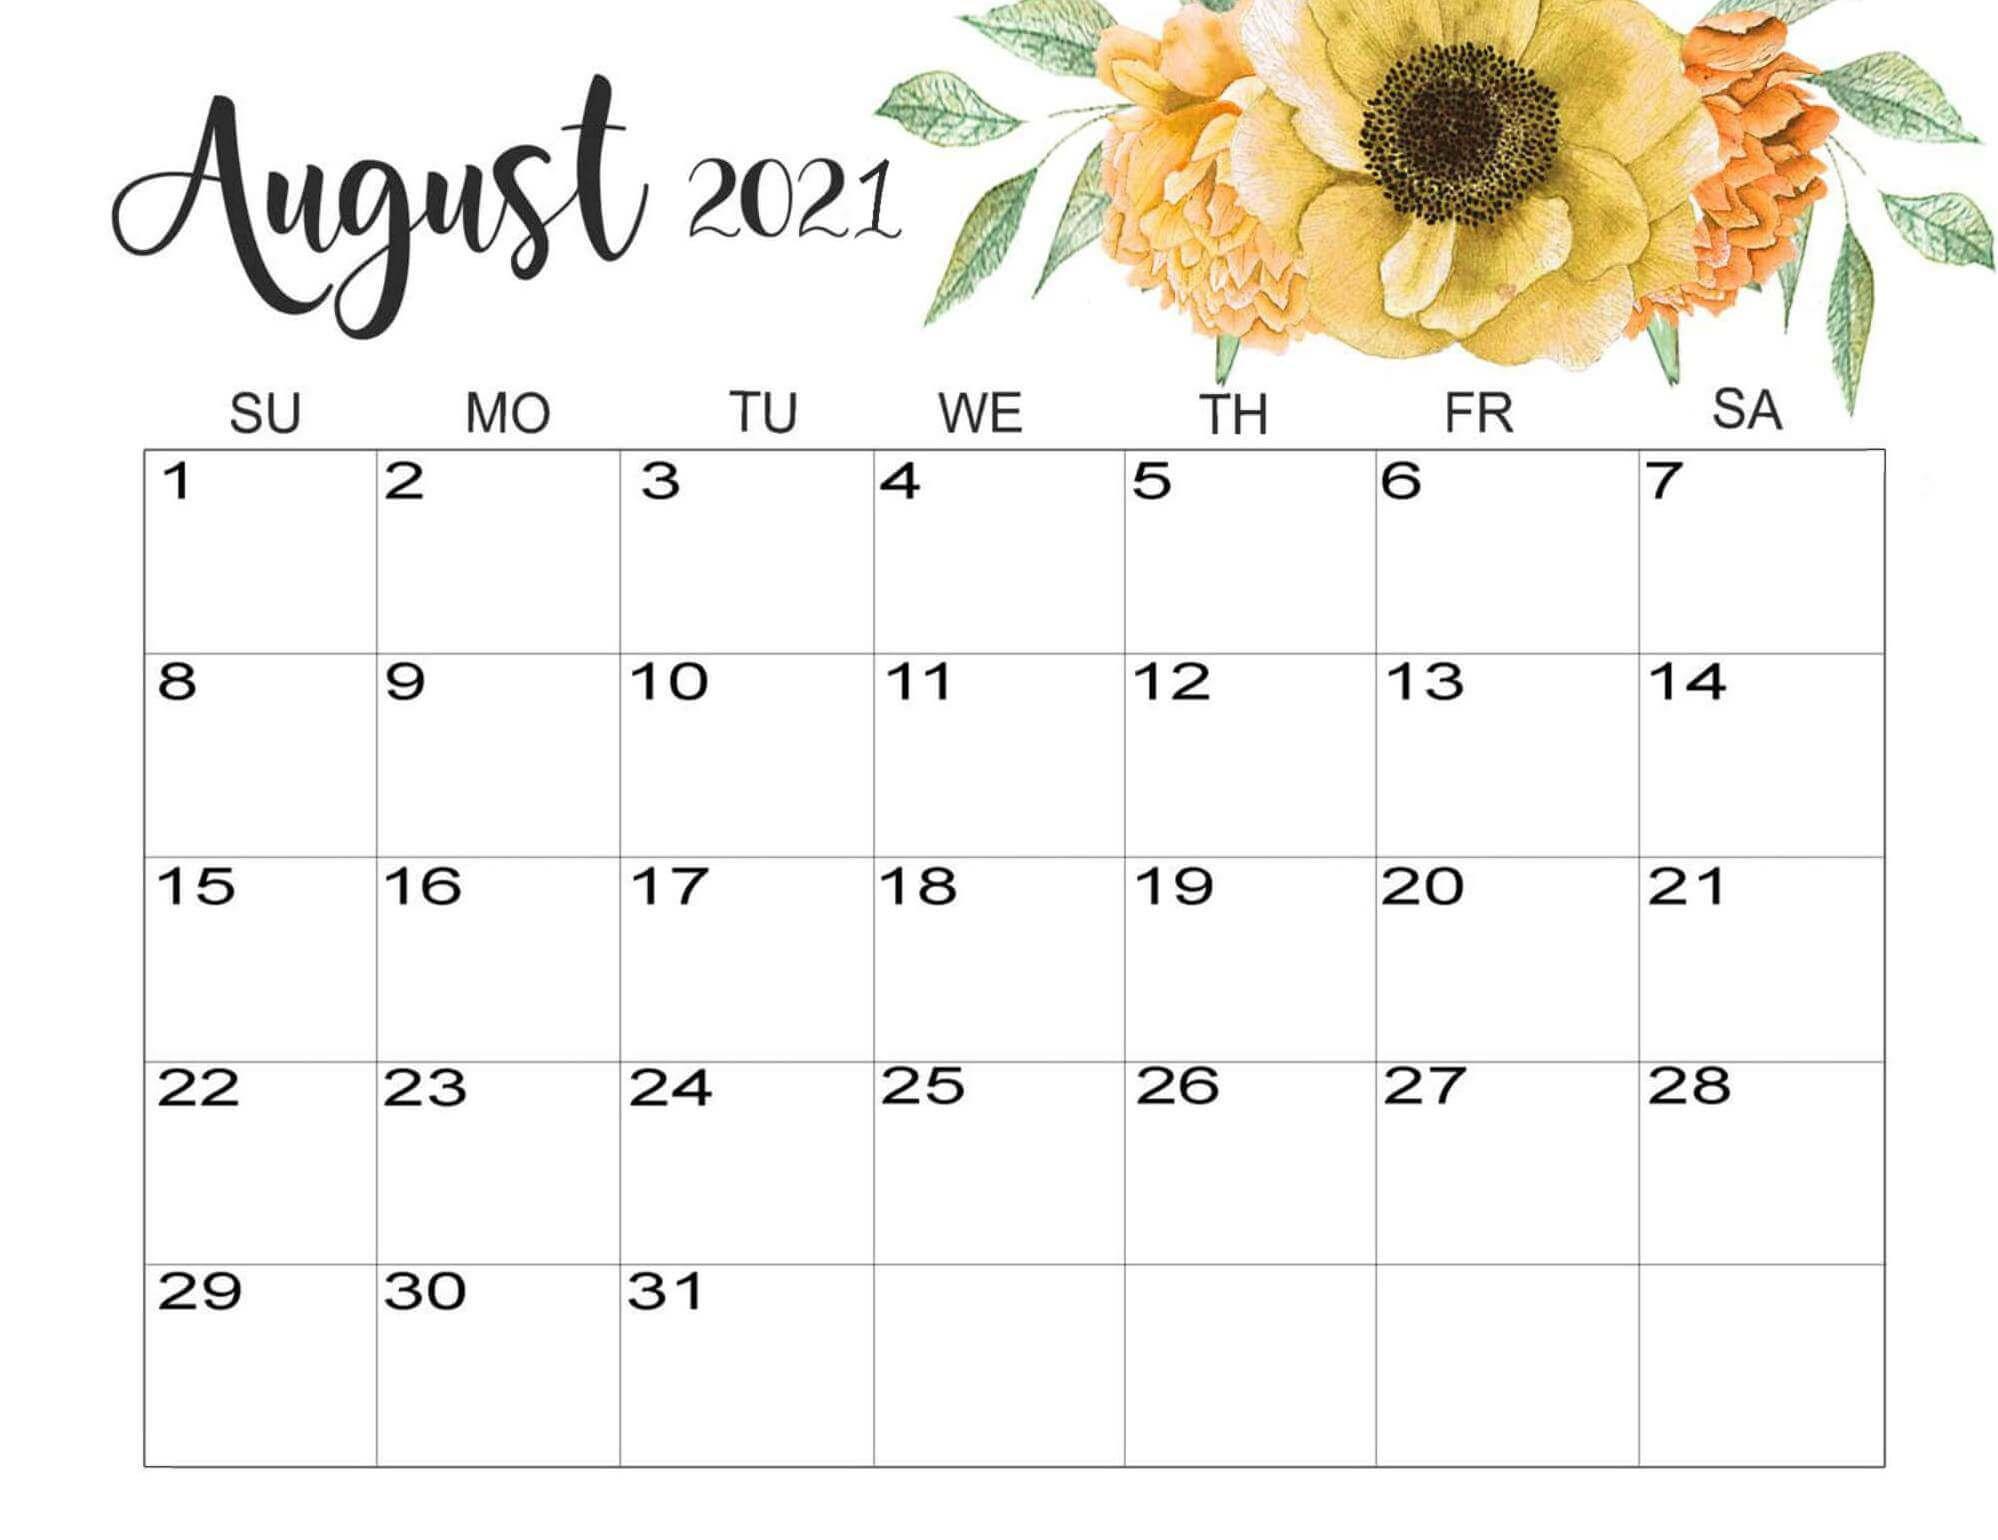 Cute August 2021 Floral Calendar